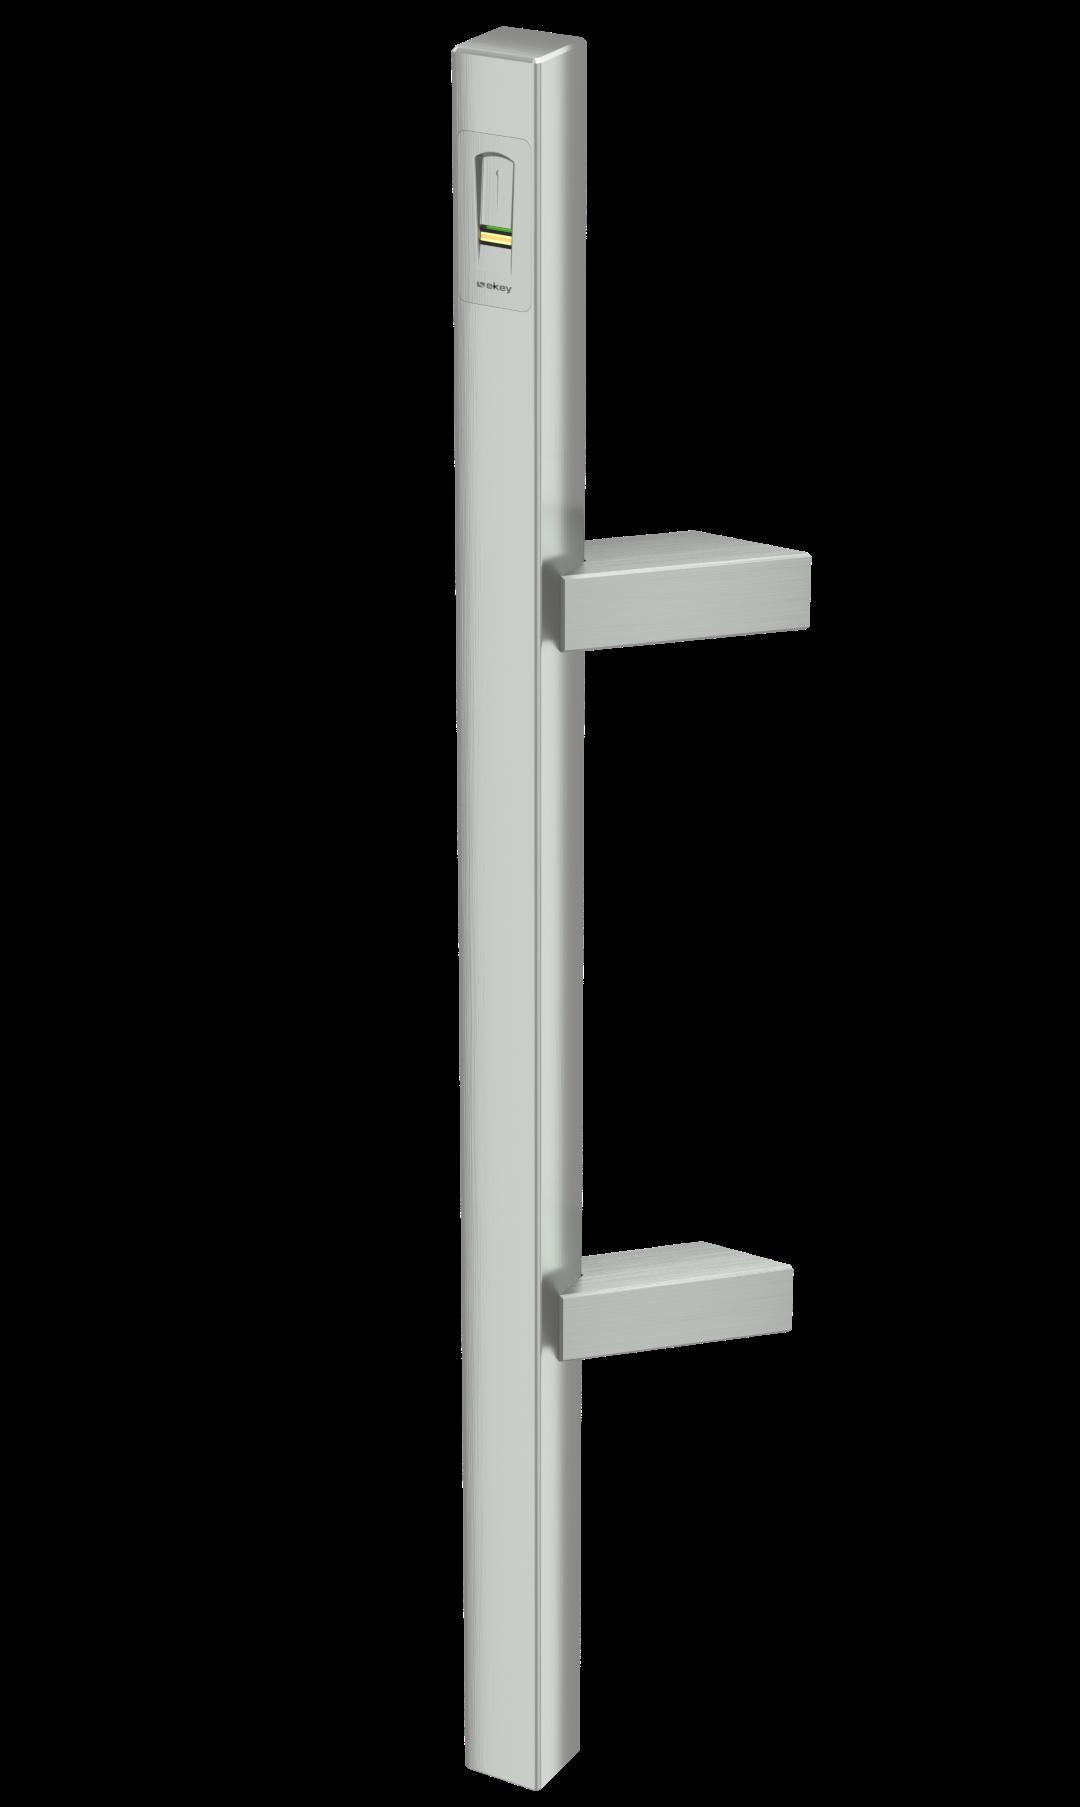 Griffingov ročaj GKV-CPO-45 iz linije Prime Line-inox ročaji za vhodna vrata